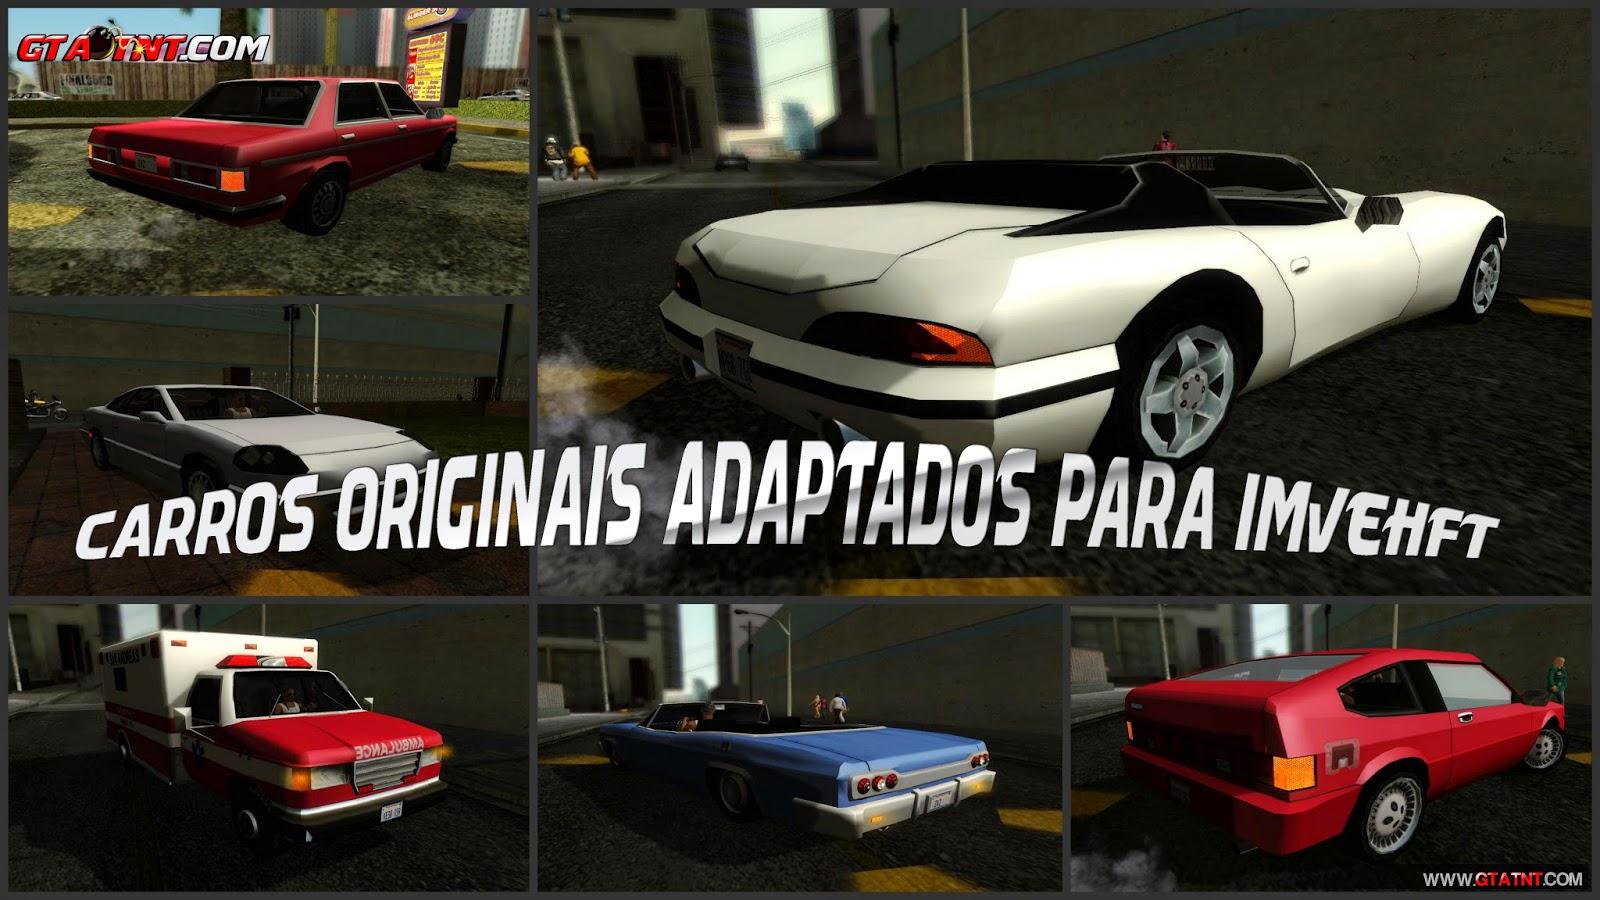 GTA SA – Todos Carros Originais Adaptados Para ImvehFt